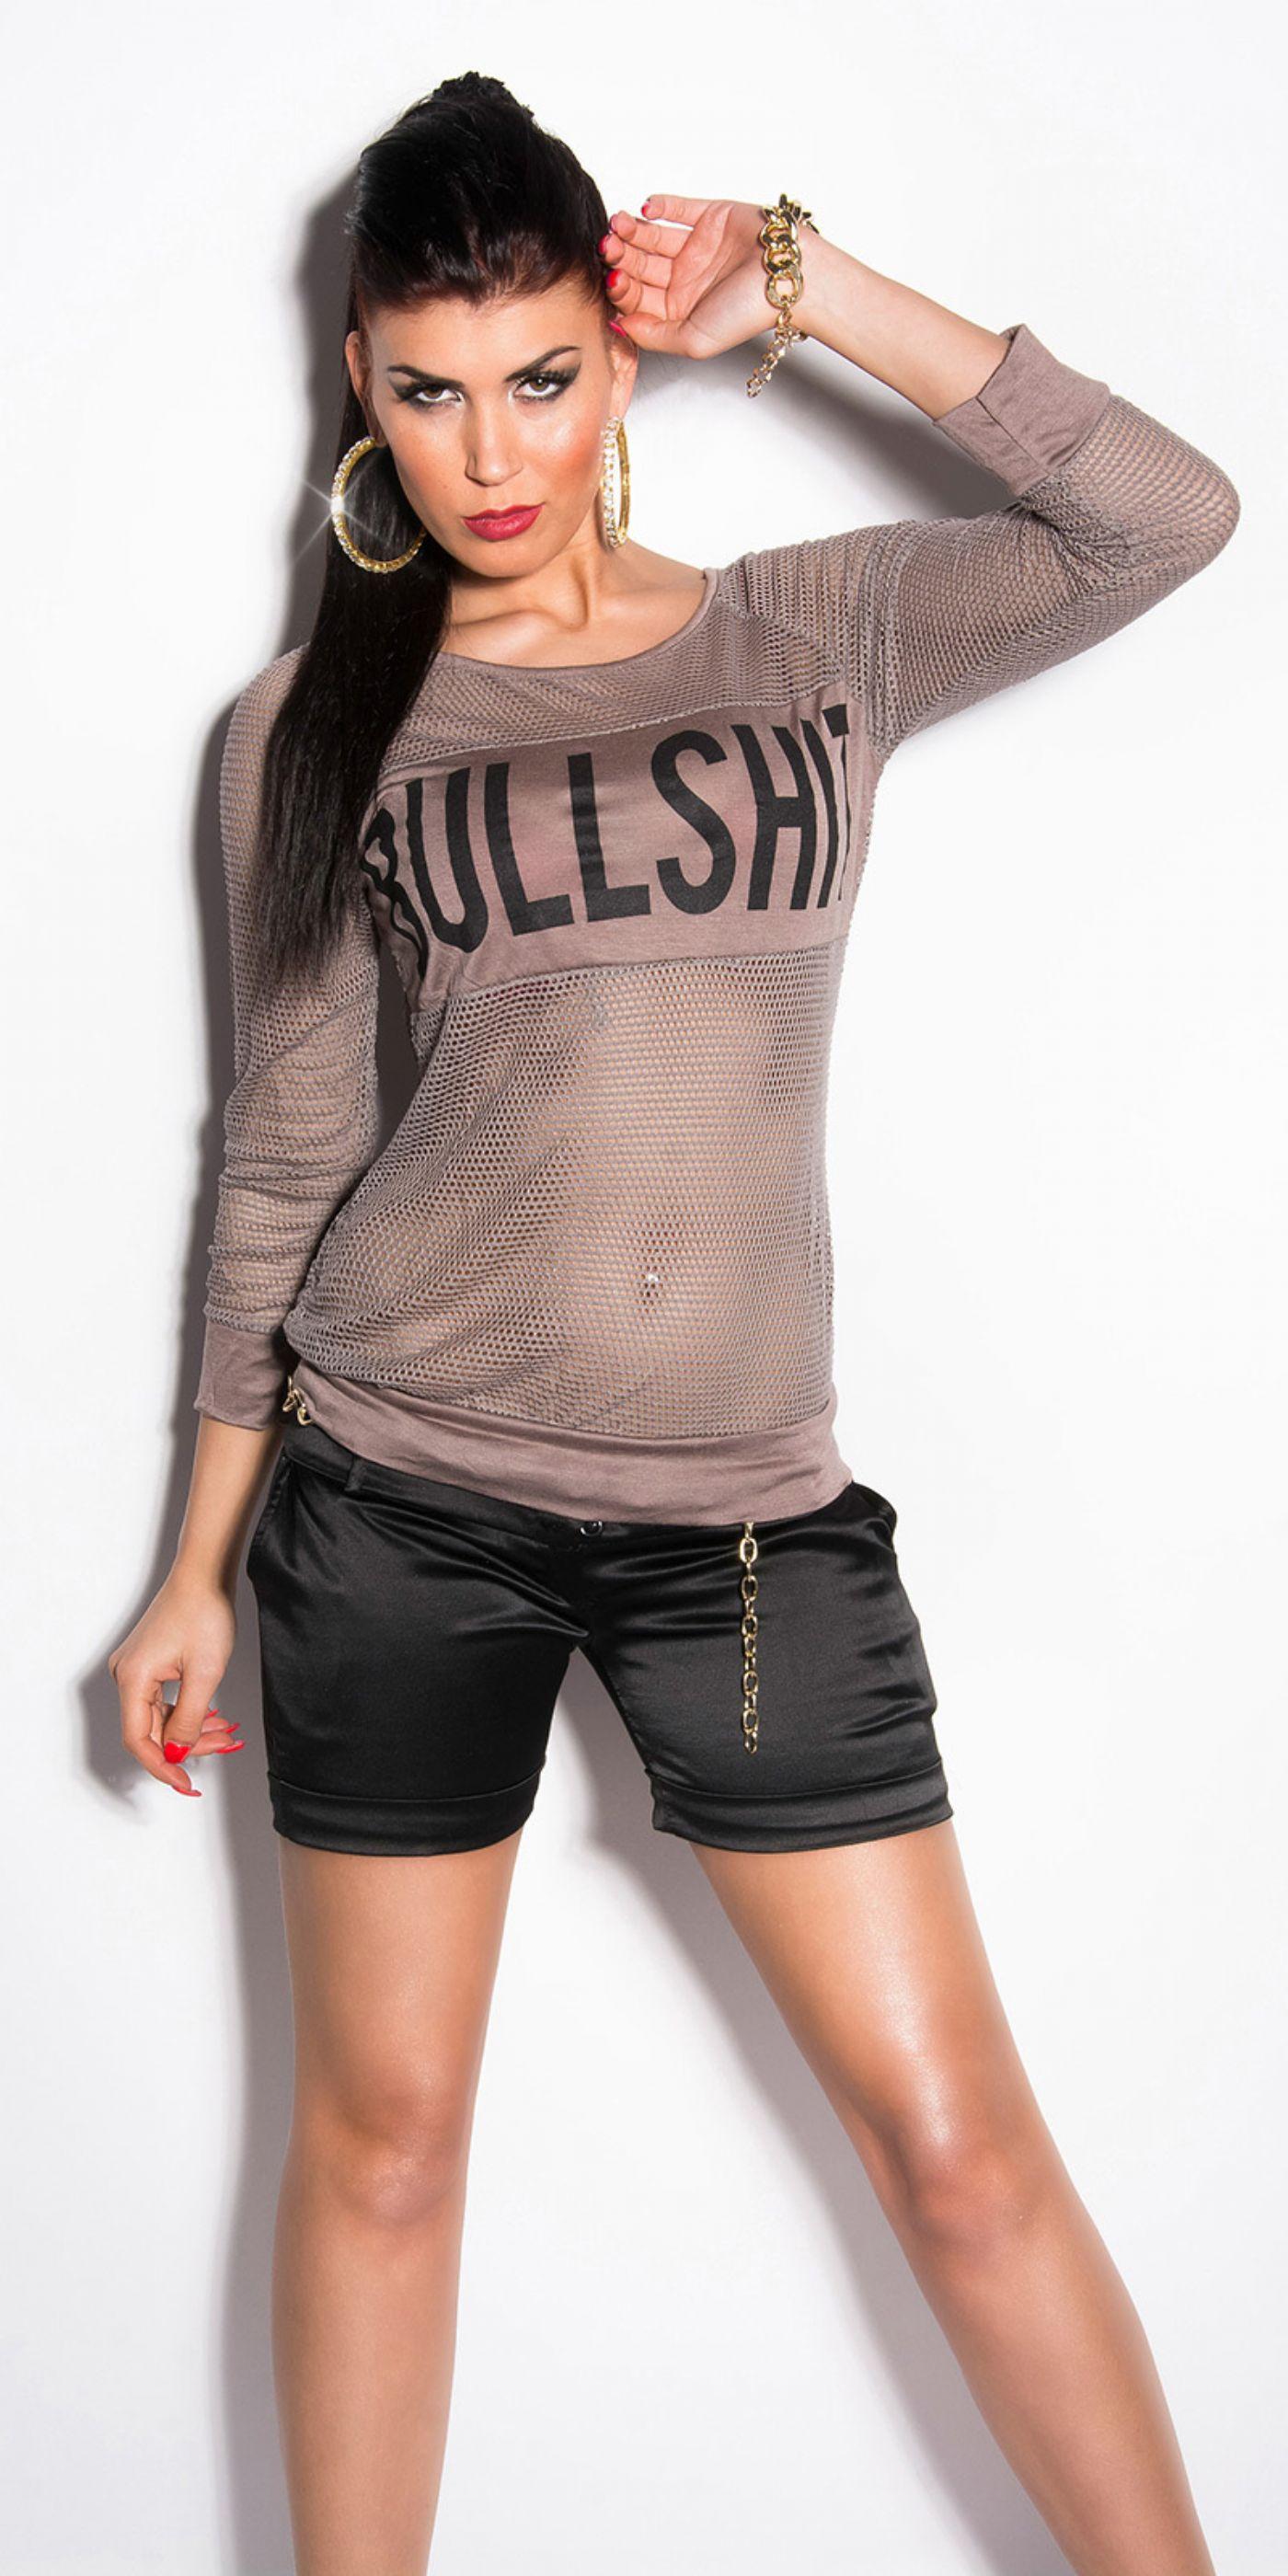 Net Bluse - Bullsh*t